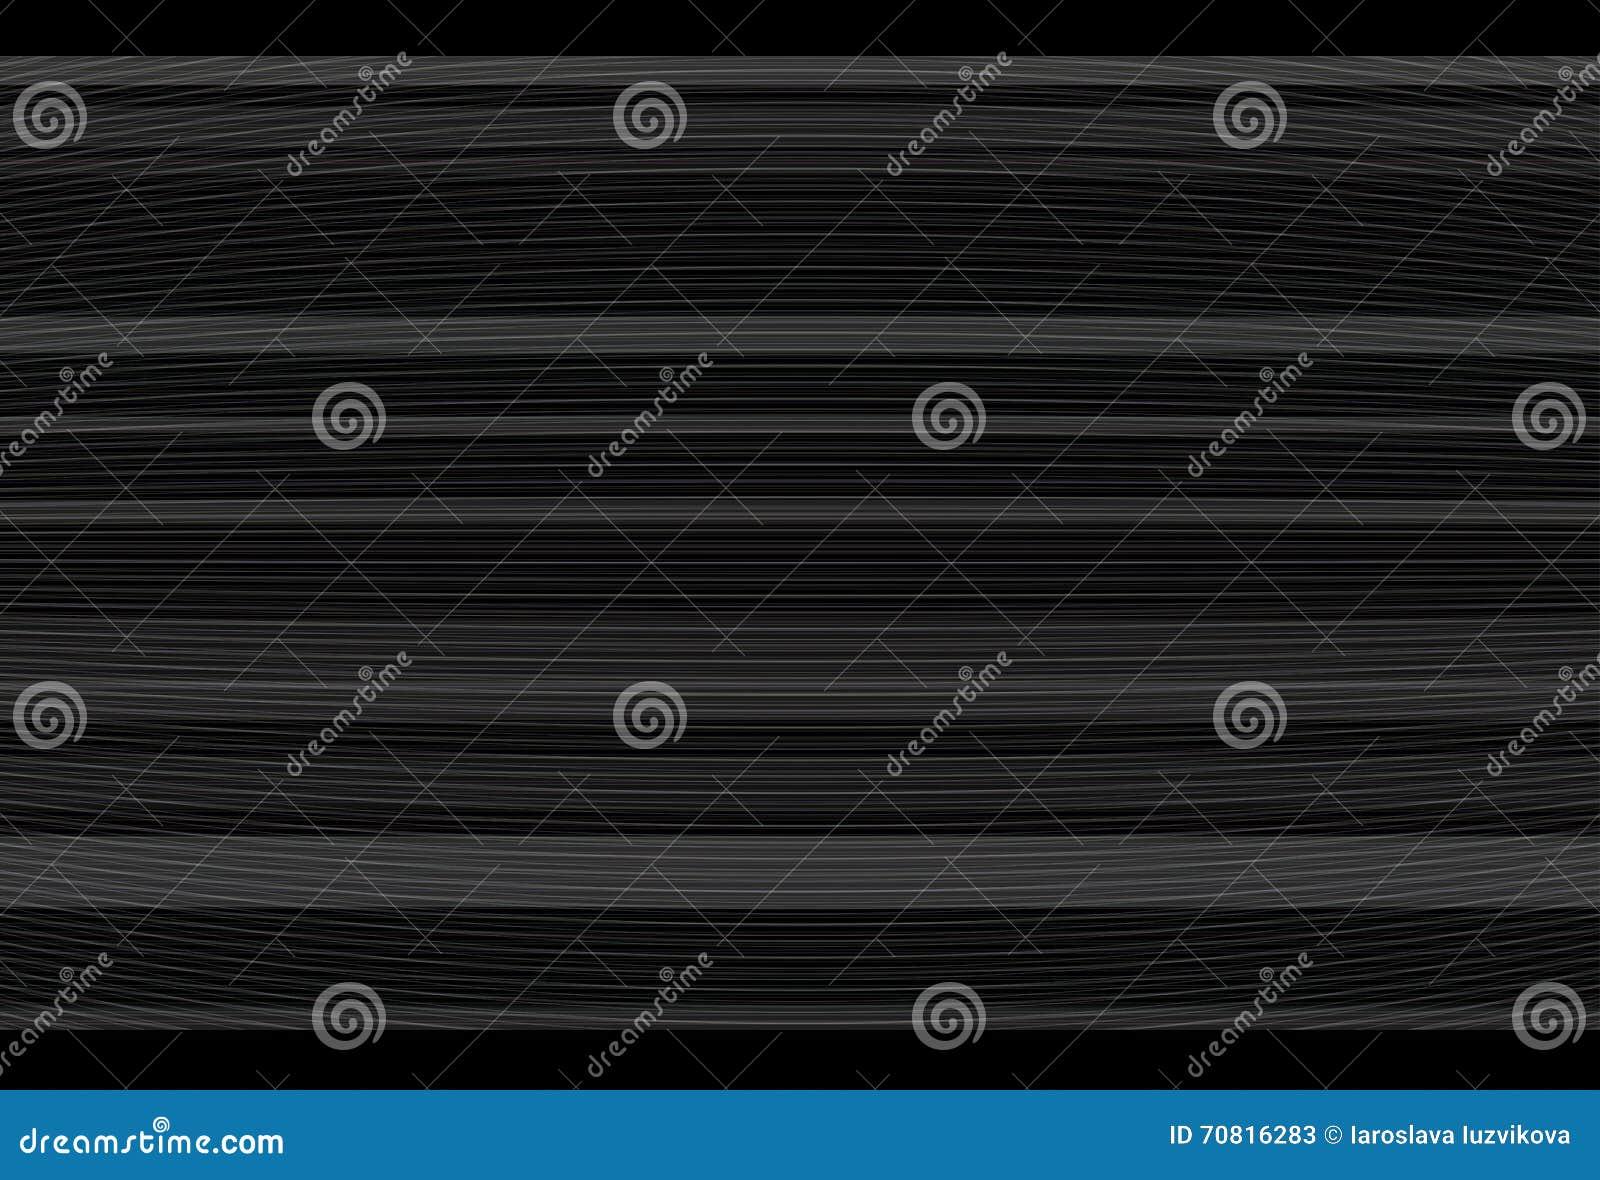 Διανυσματικό αναλογικό moire δυσλειτουργίας TV υπόβαθρο Καμία ταπετσαρία θορύβου σημάτων